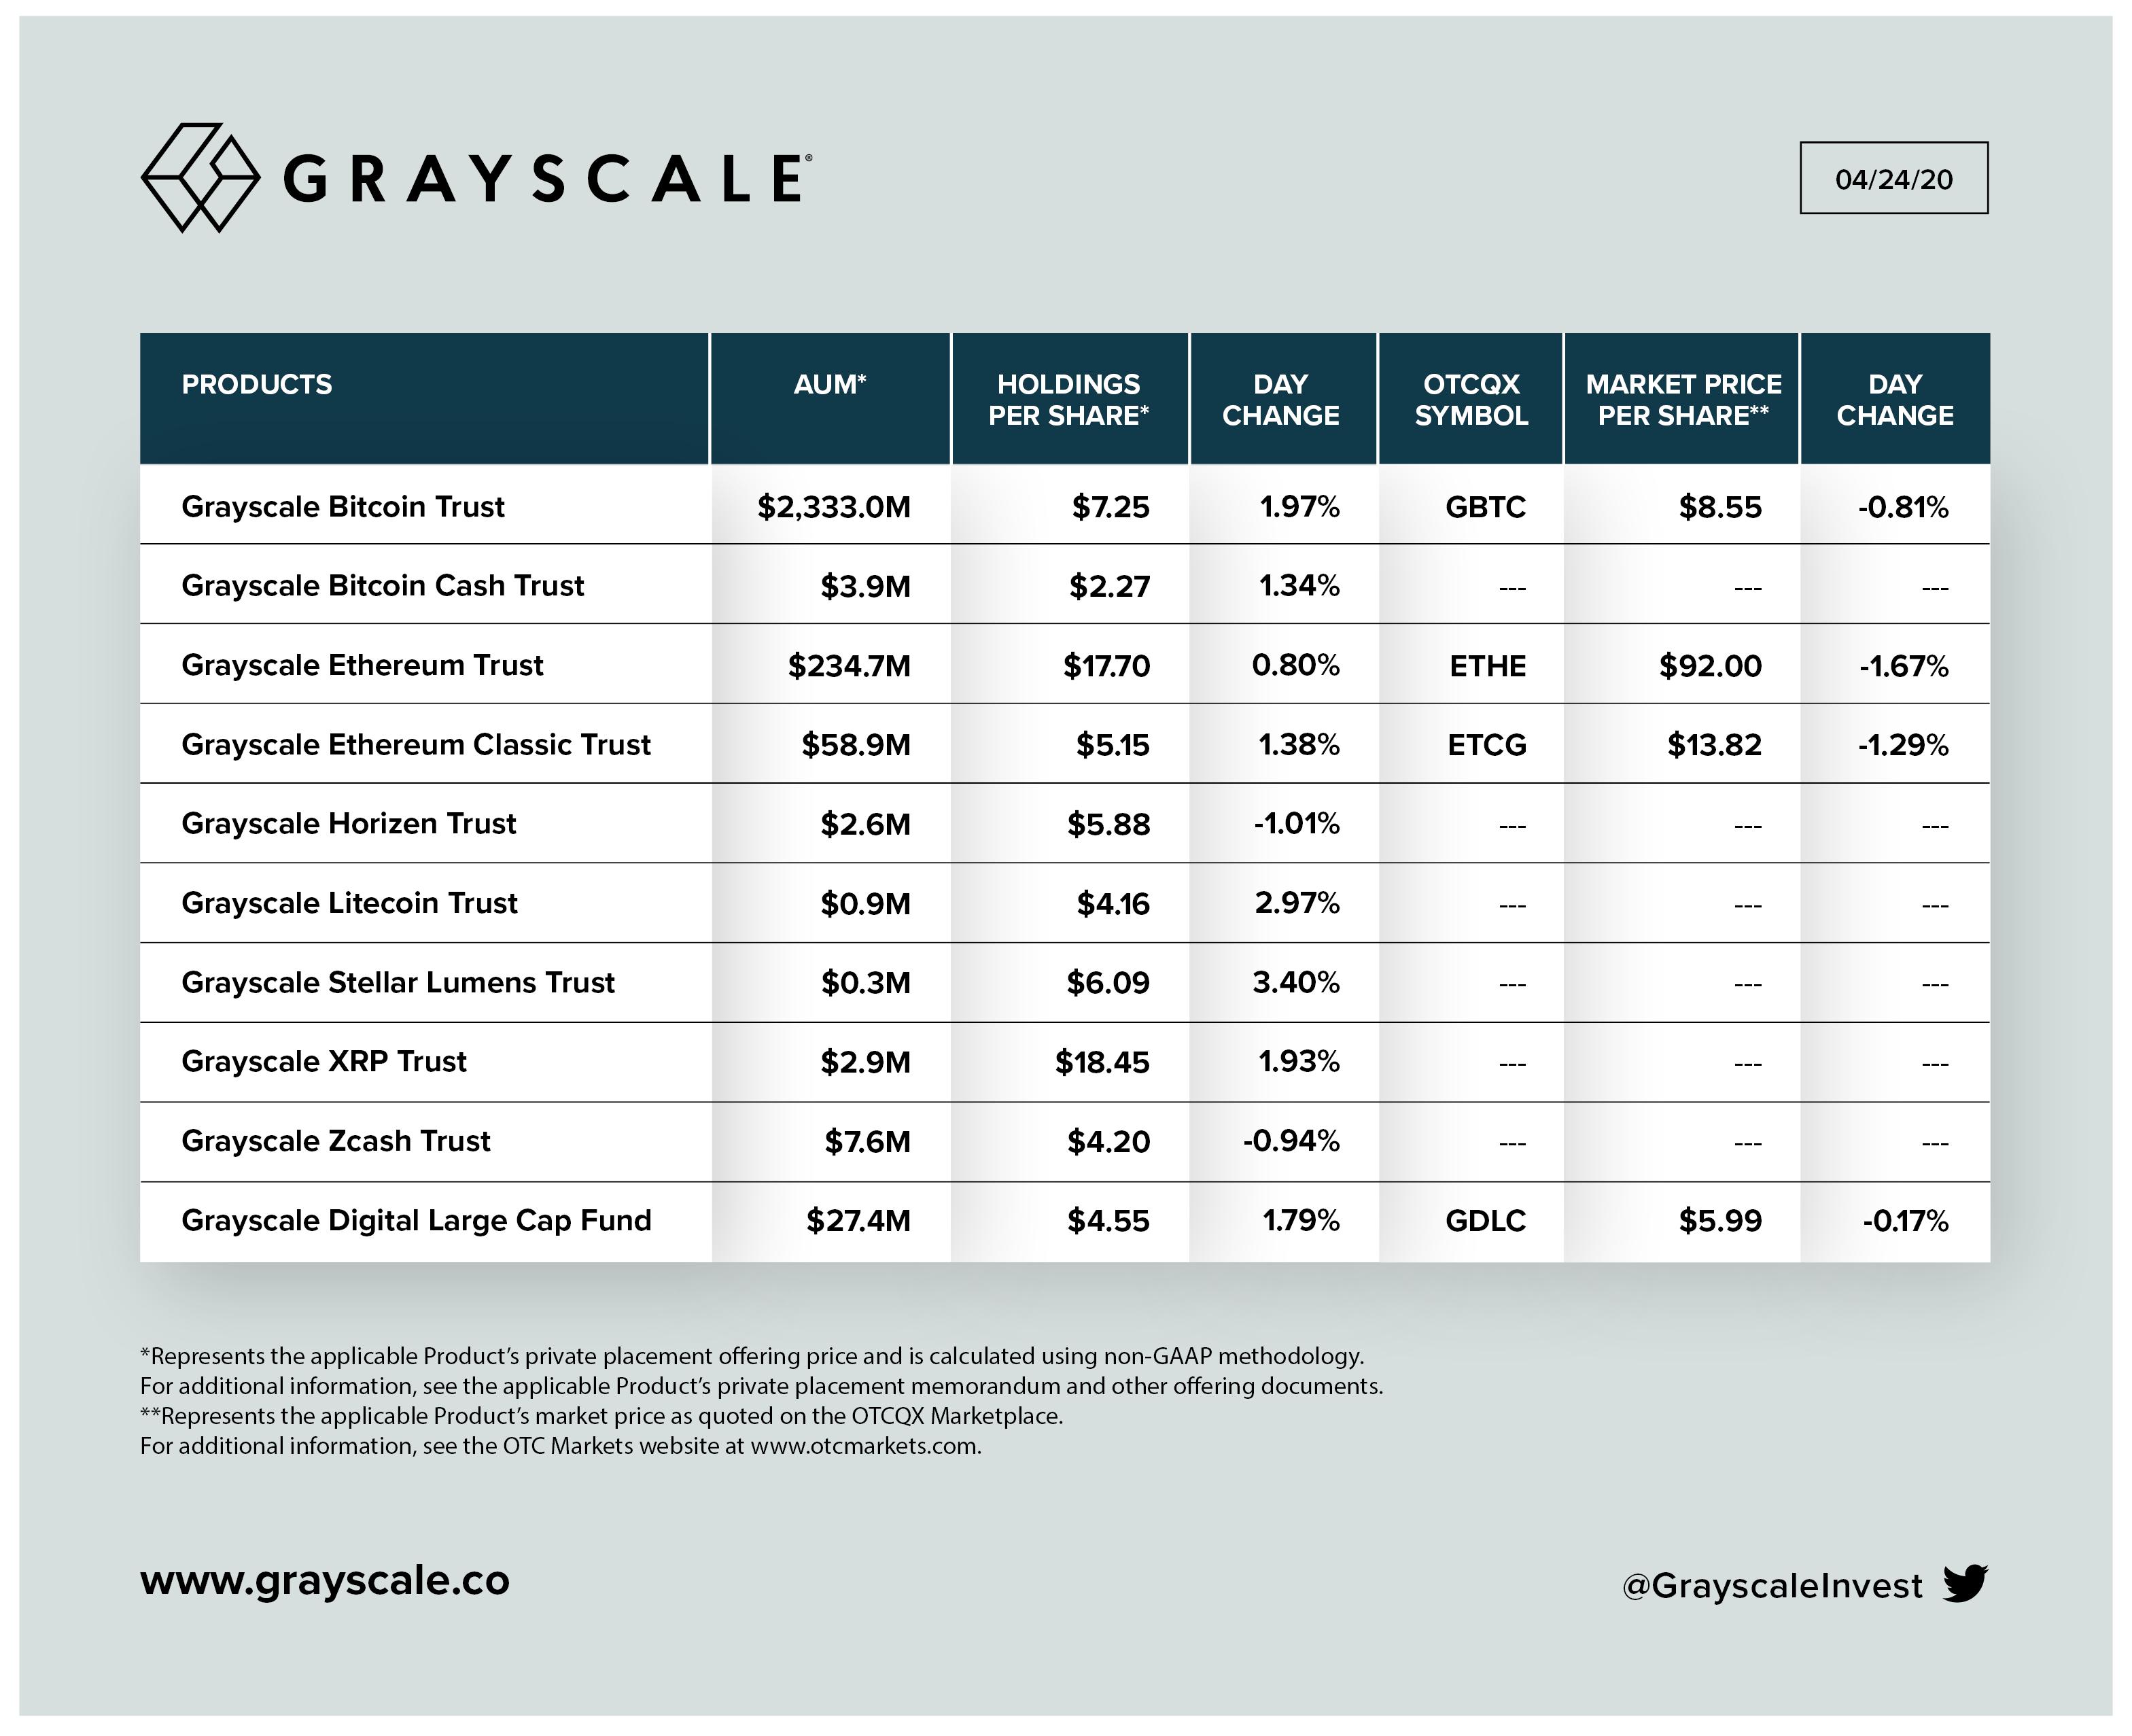 Tableau de l'augmentation des investissements dans les produits Grayscale. Source : Niveaux de gris.